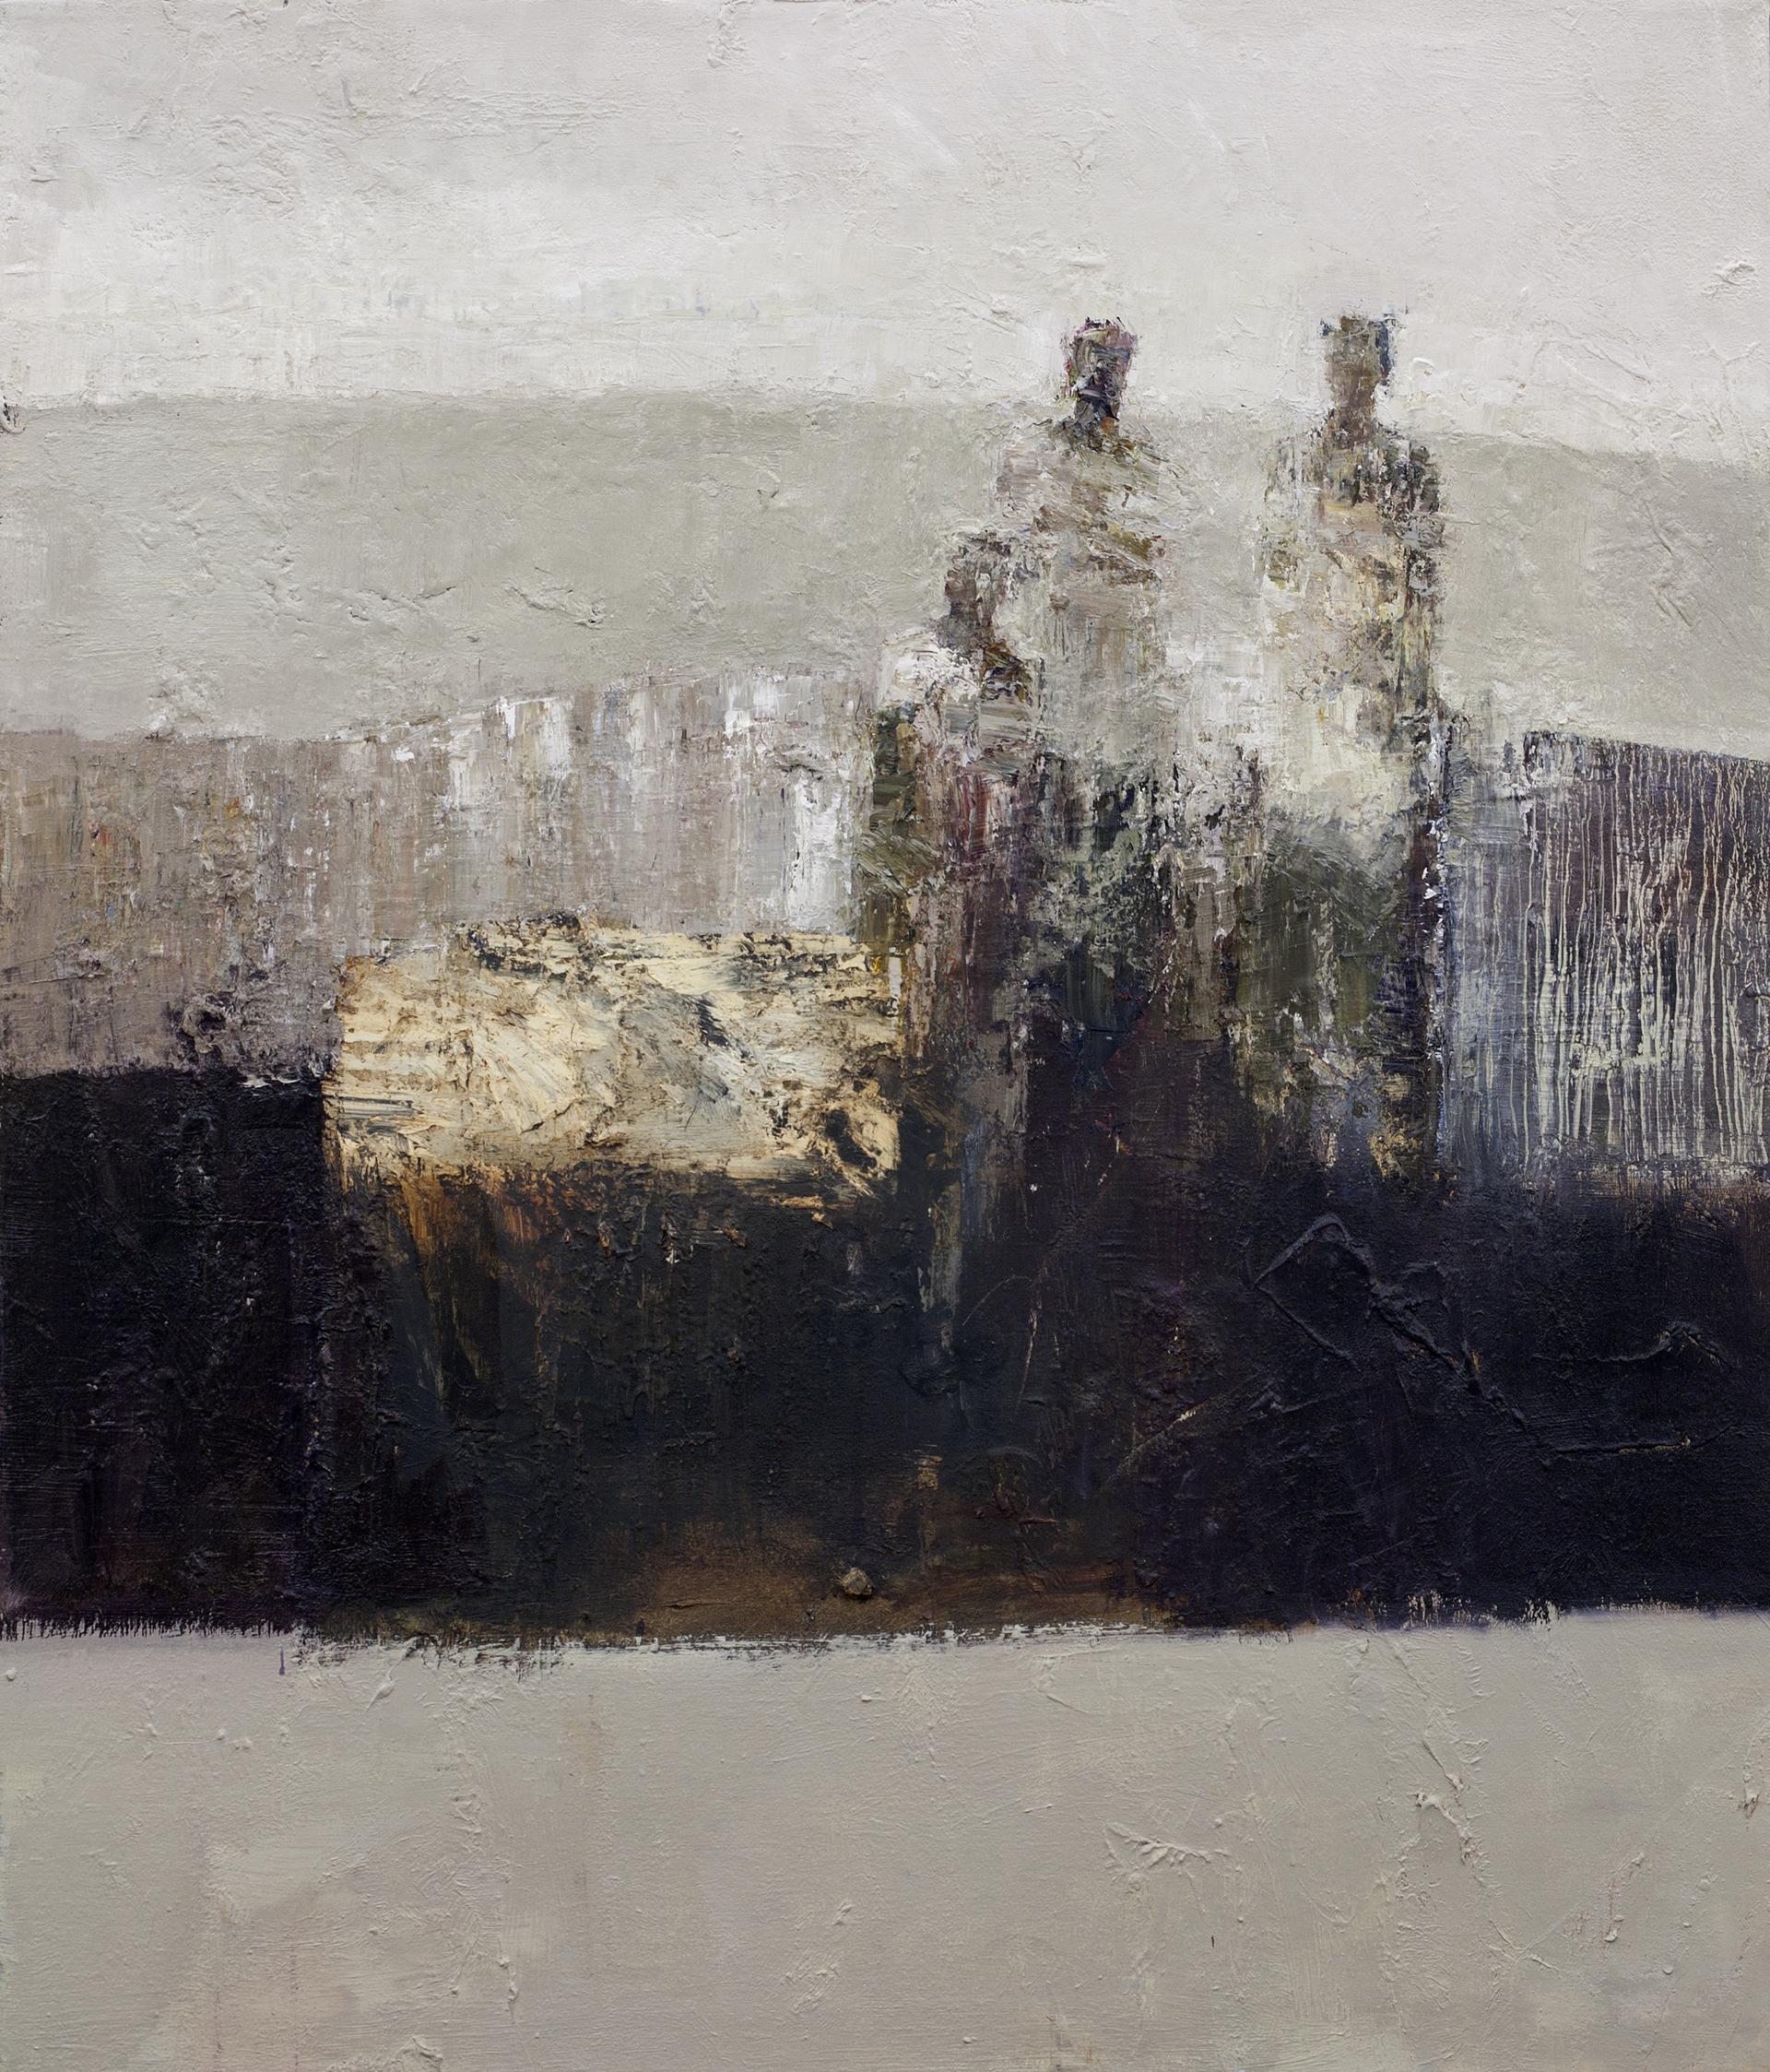 Figures in Landscape by Dan McCaw